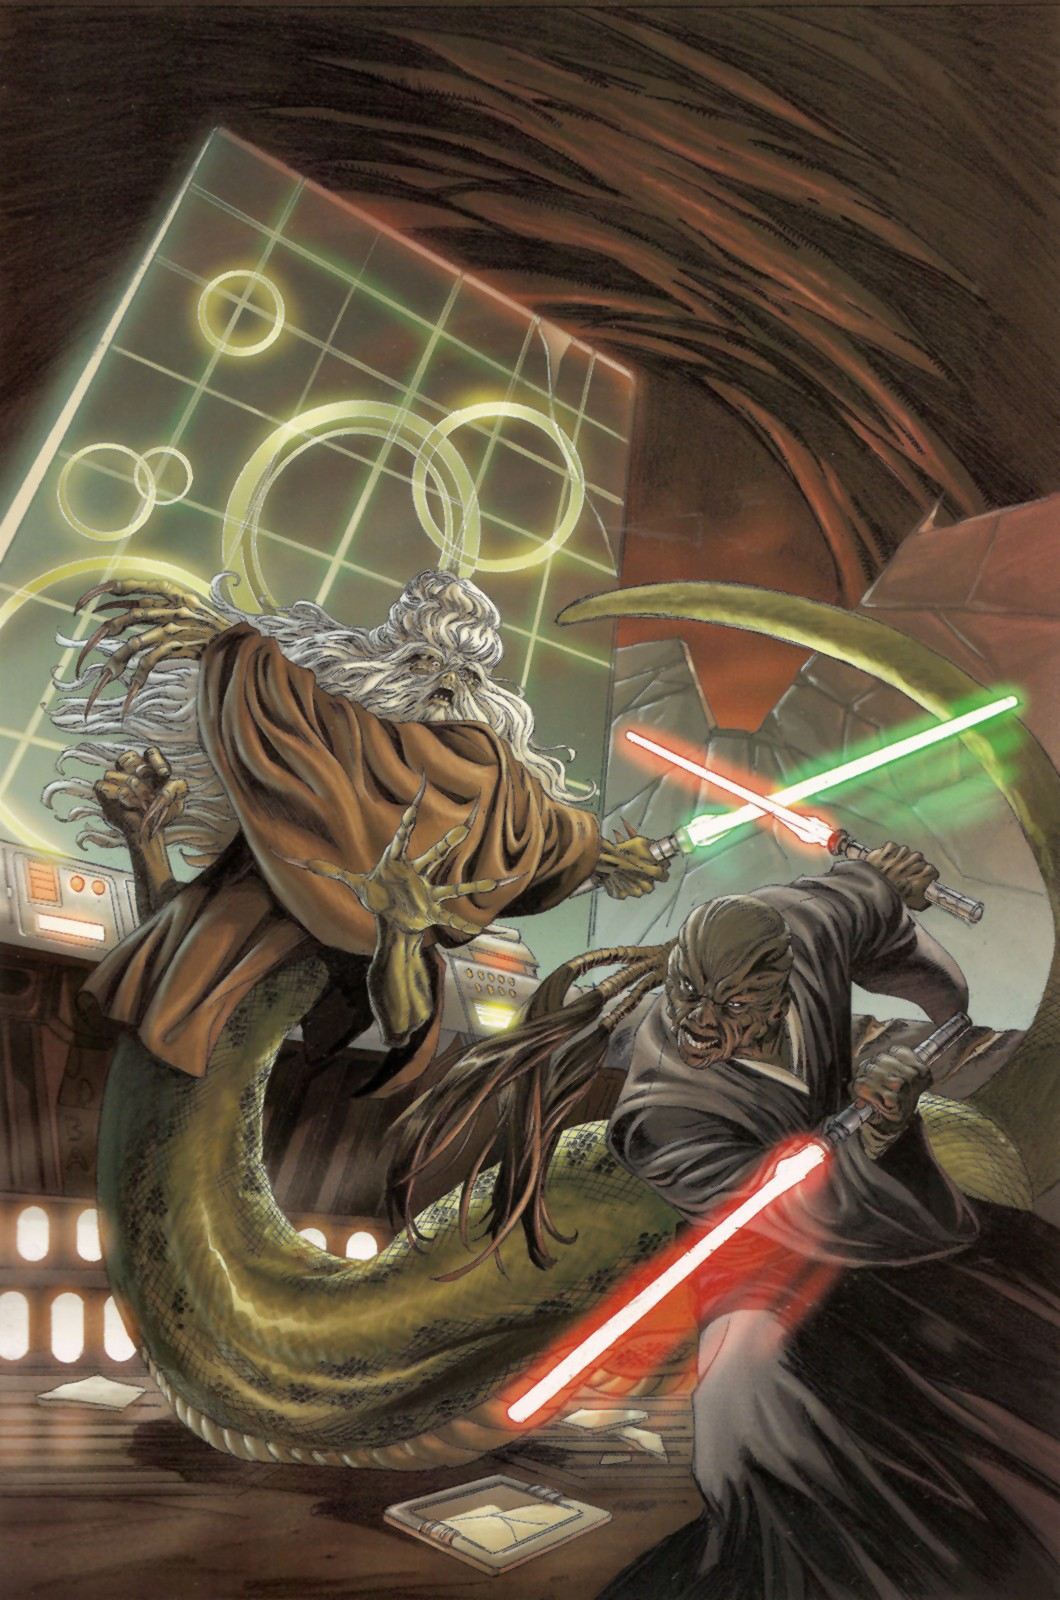 Oppo Rancisis  U2022 Encyclop U00e9die  U2022 Star Wars Universe